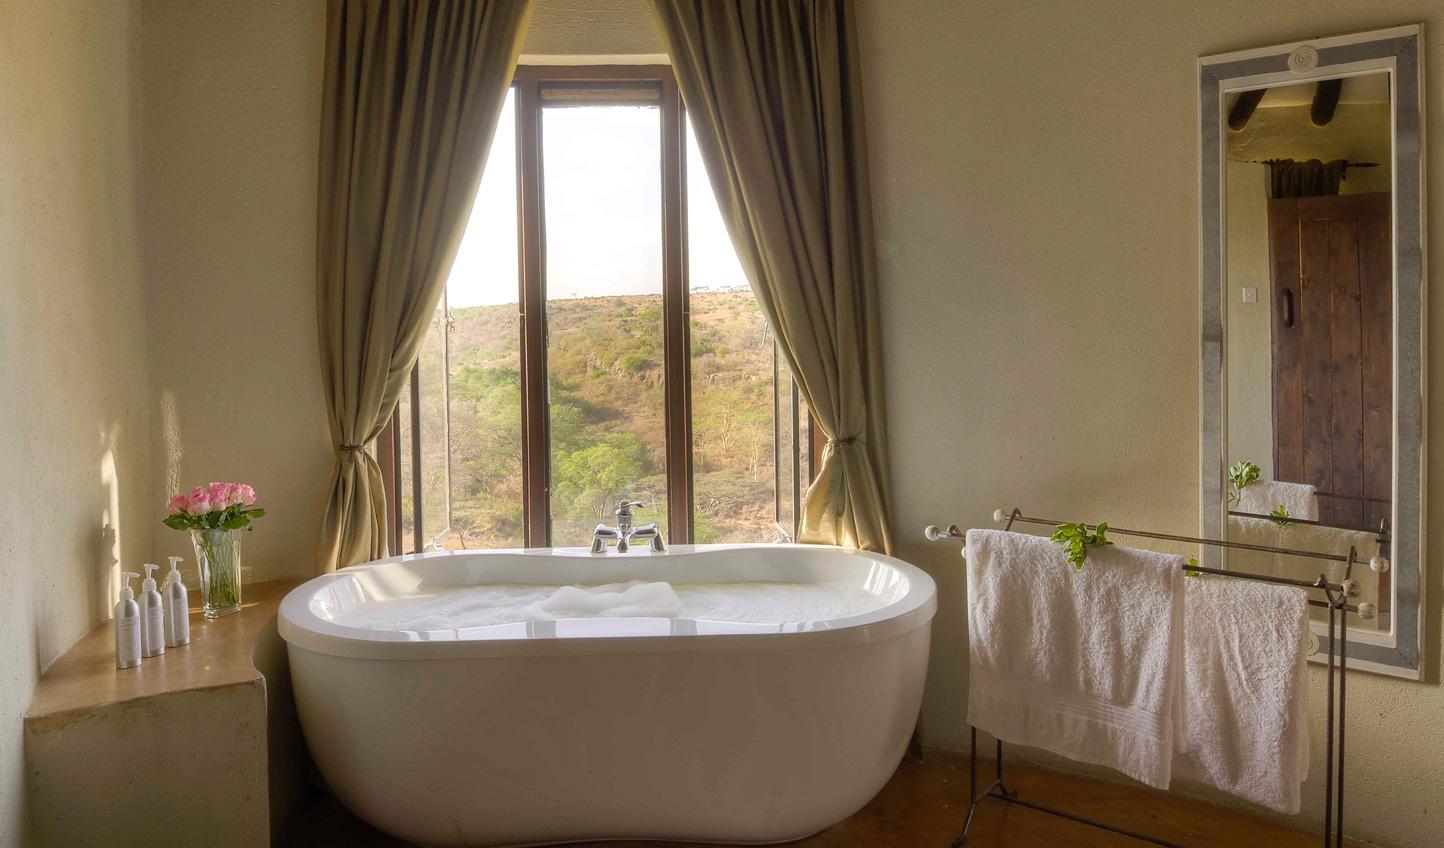 Bubble baths and views of Nairobi National Park